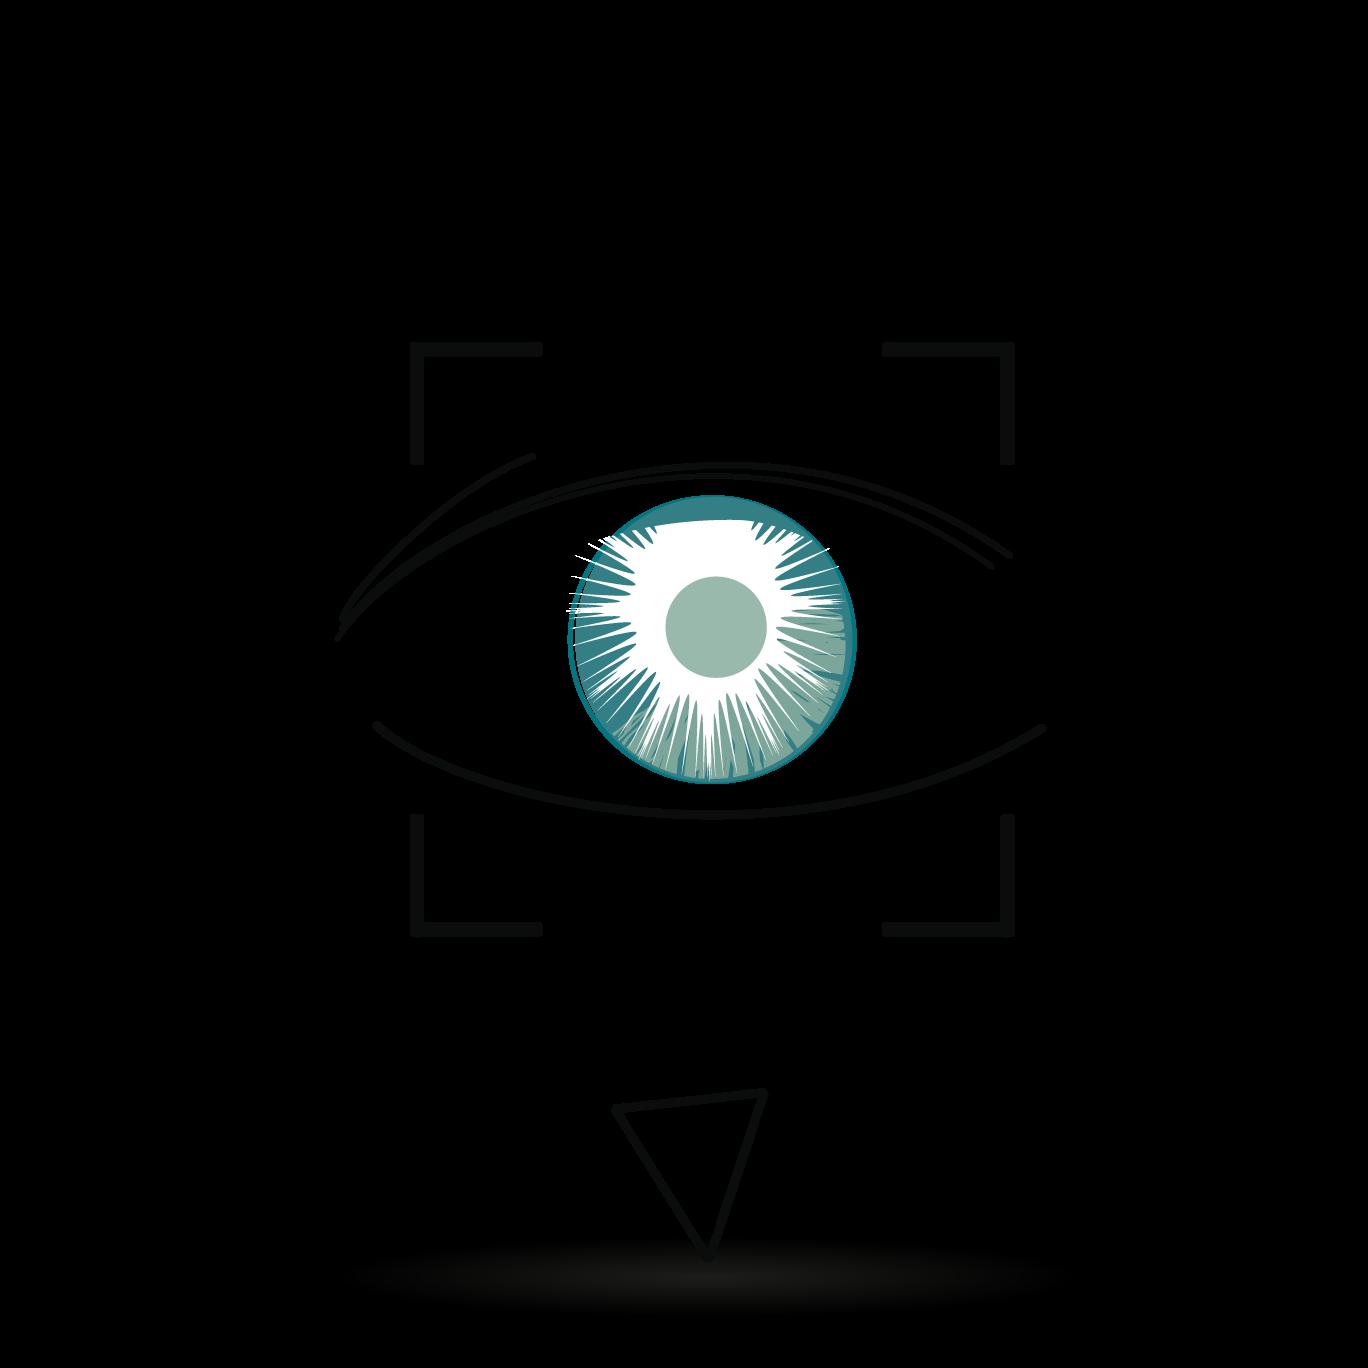 icone identité visuelle 7essentiels